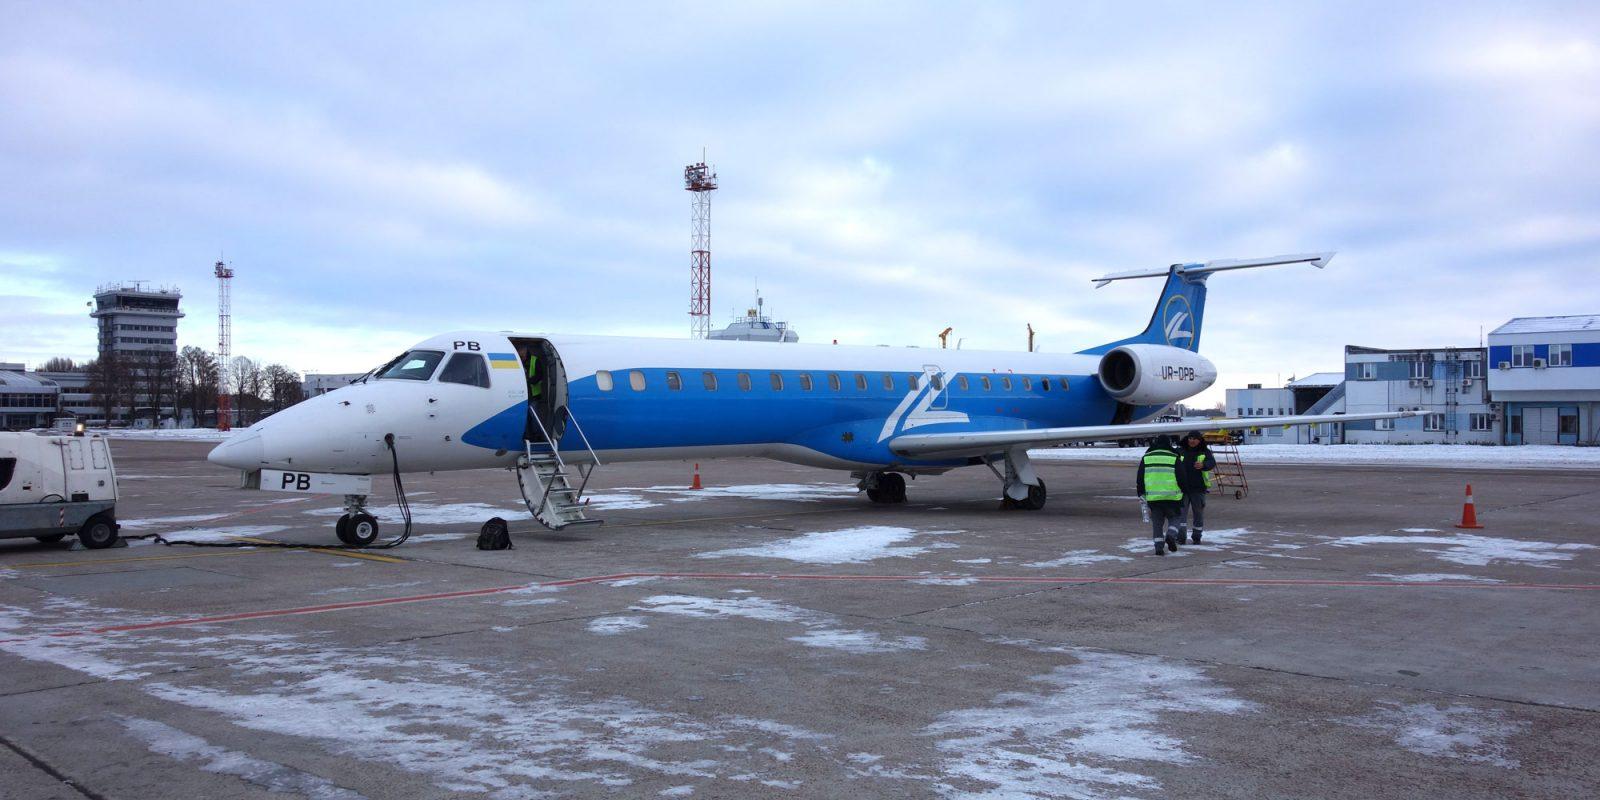 Embraer-E145